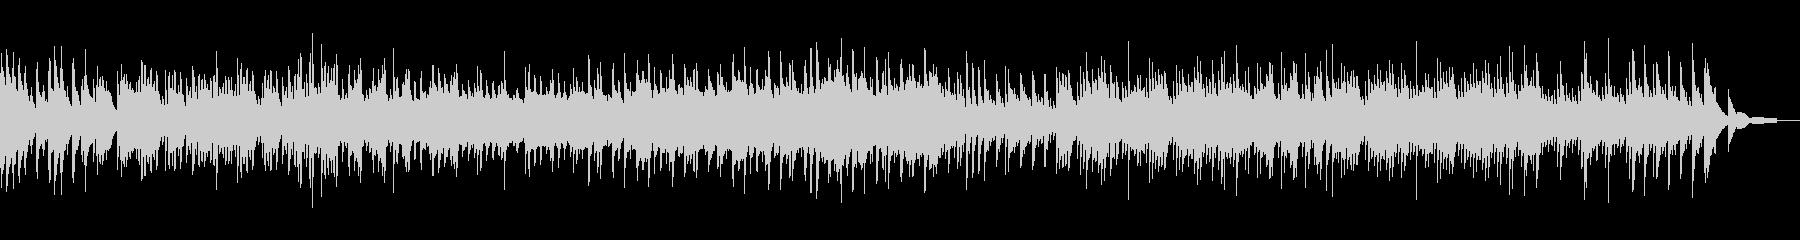 高音質♪第九ベートーベンの琴曲の未再生の波形